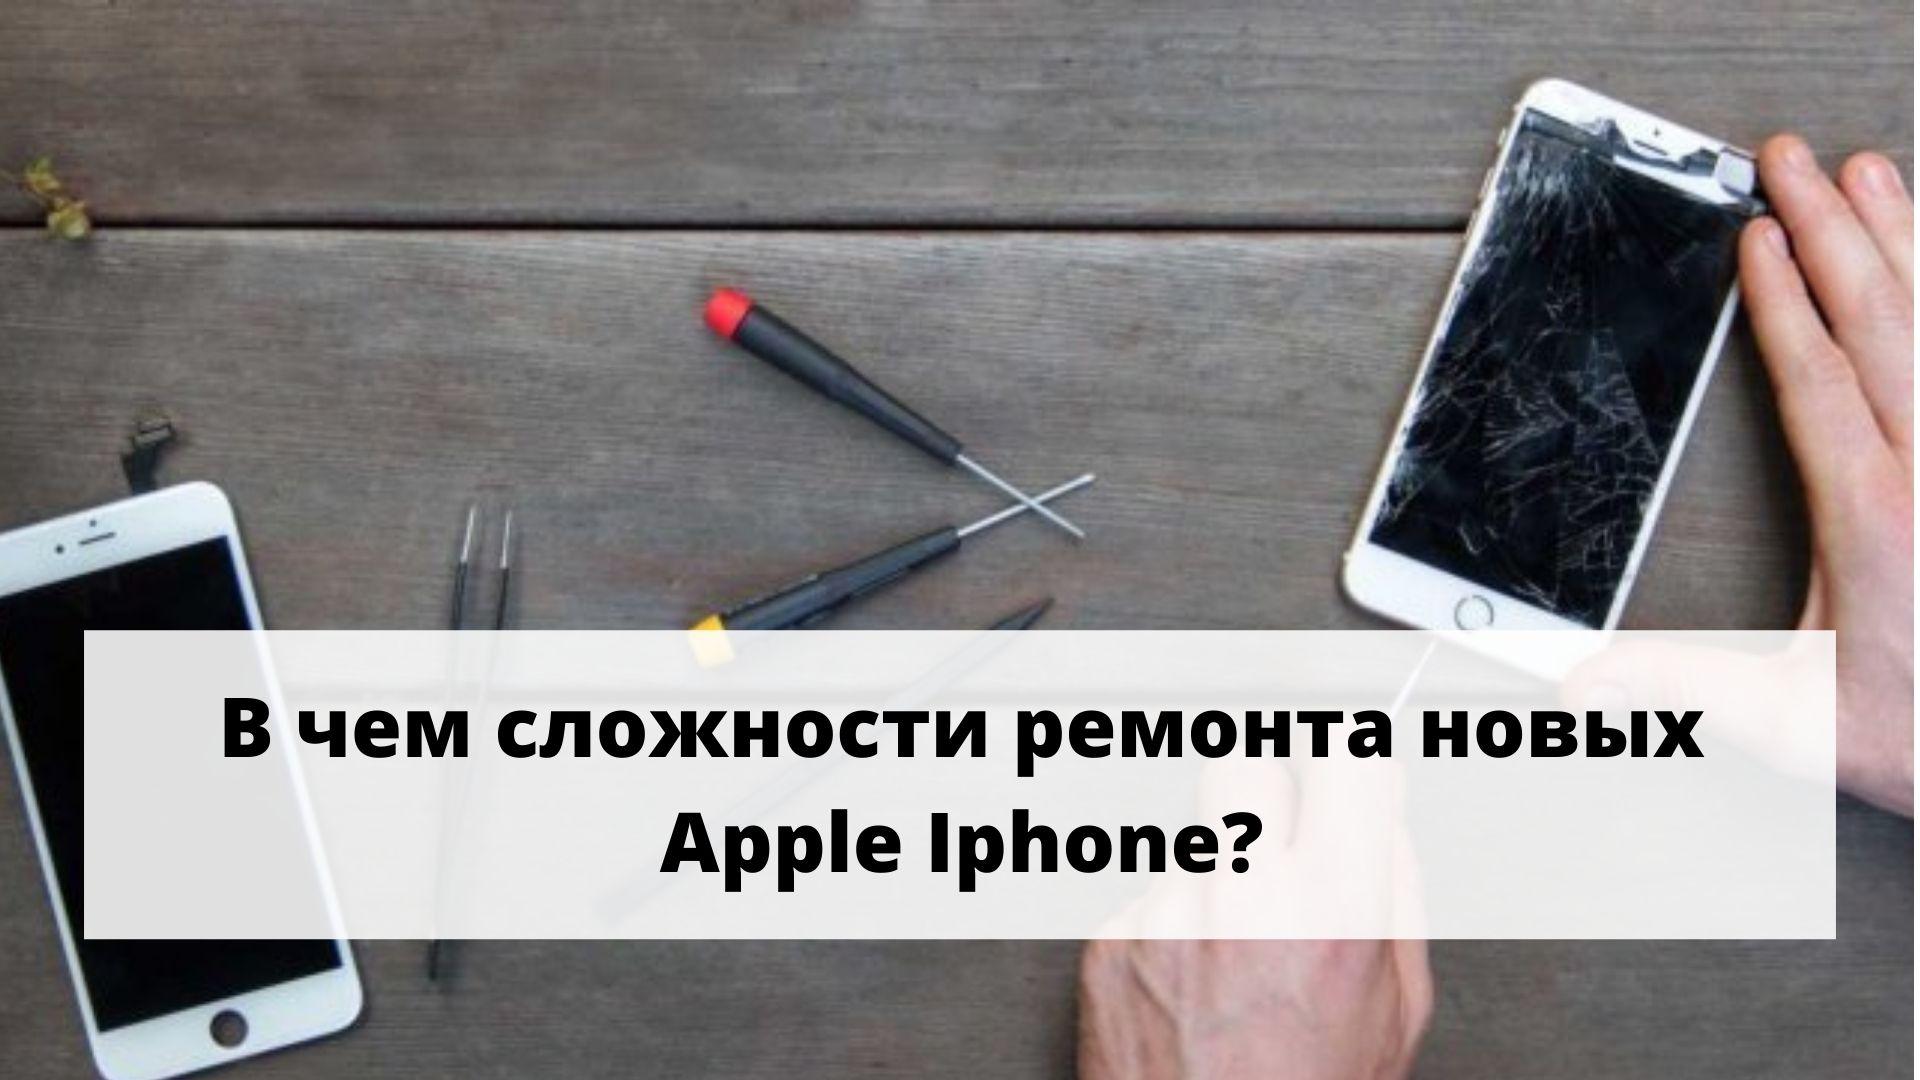 Сложности ремонта Apple iPhone нового поколения